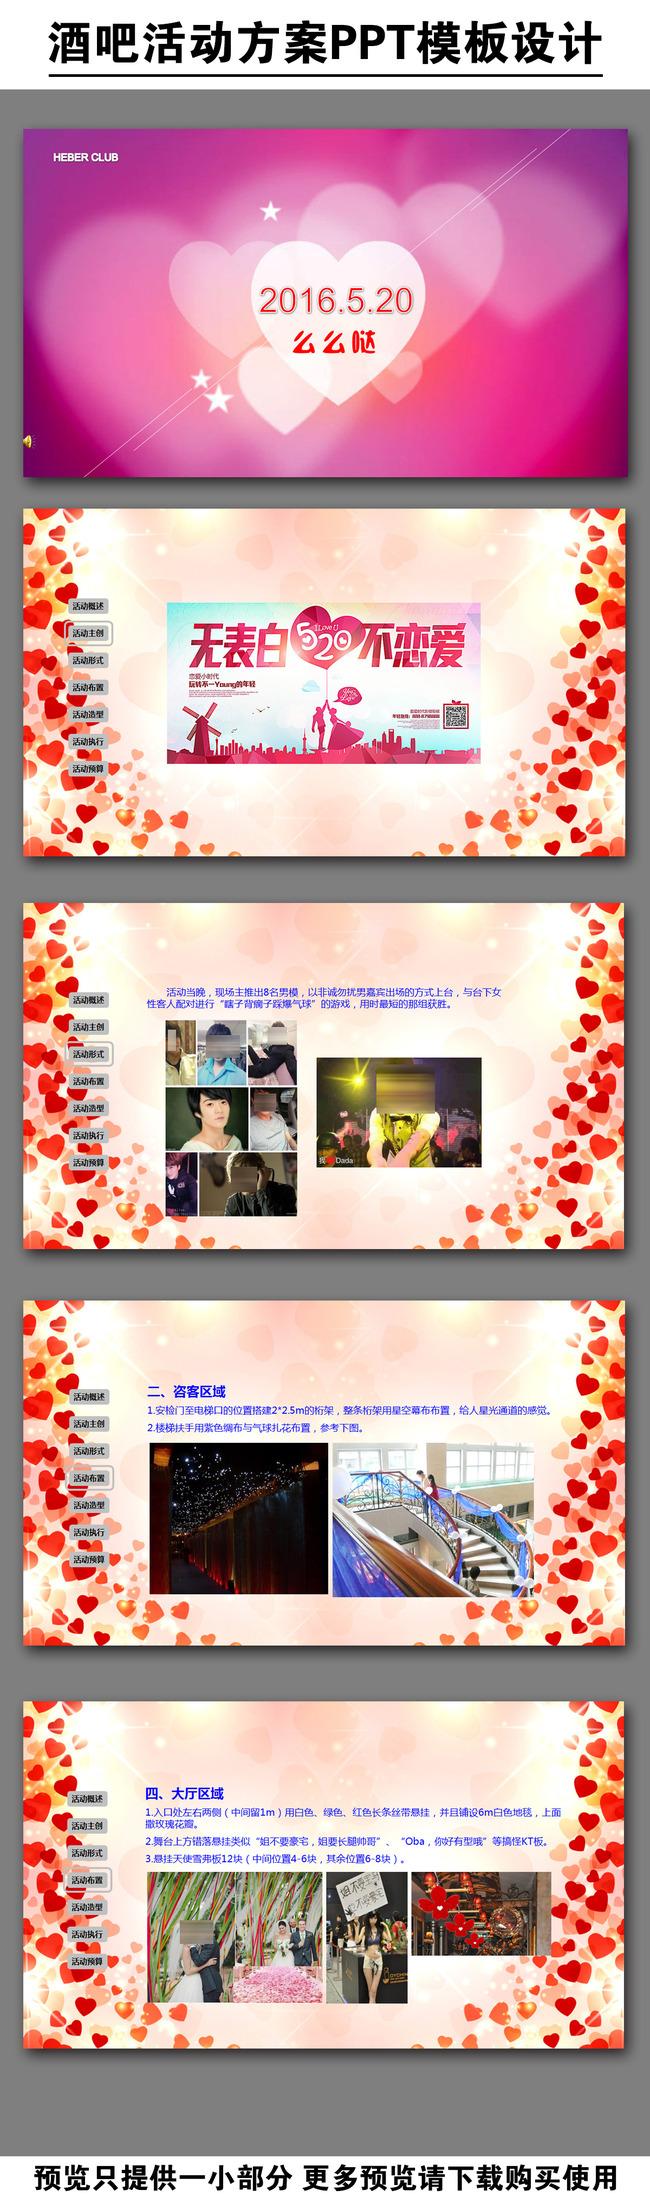 酒吧婚庆公司520七夕情人节活动策划方案模板下载(:)